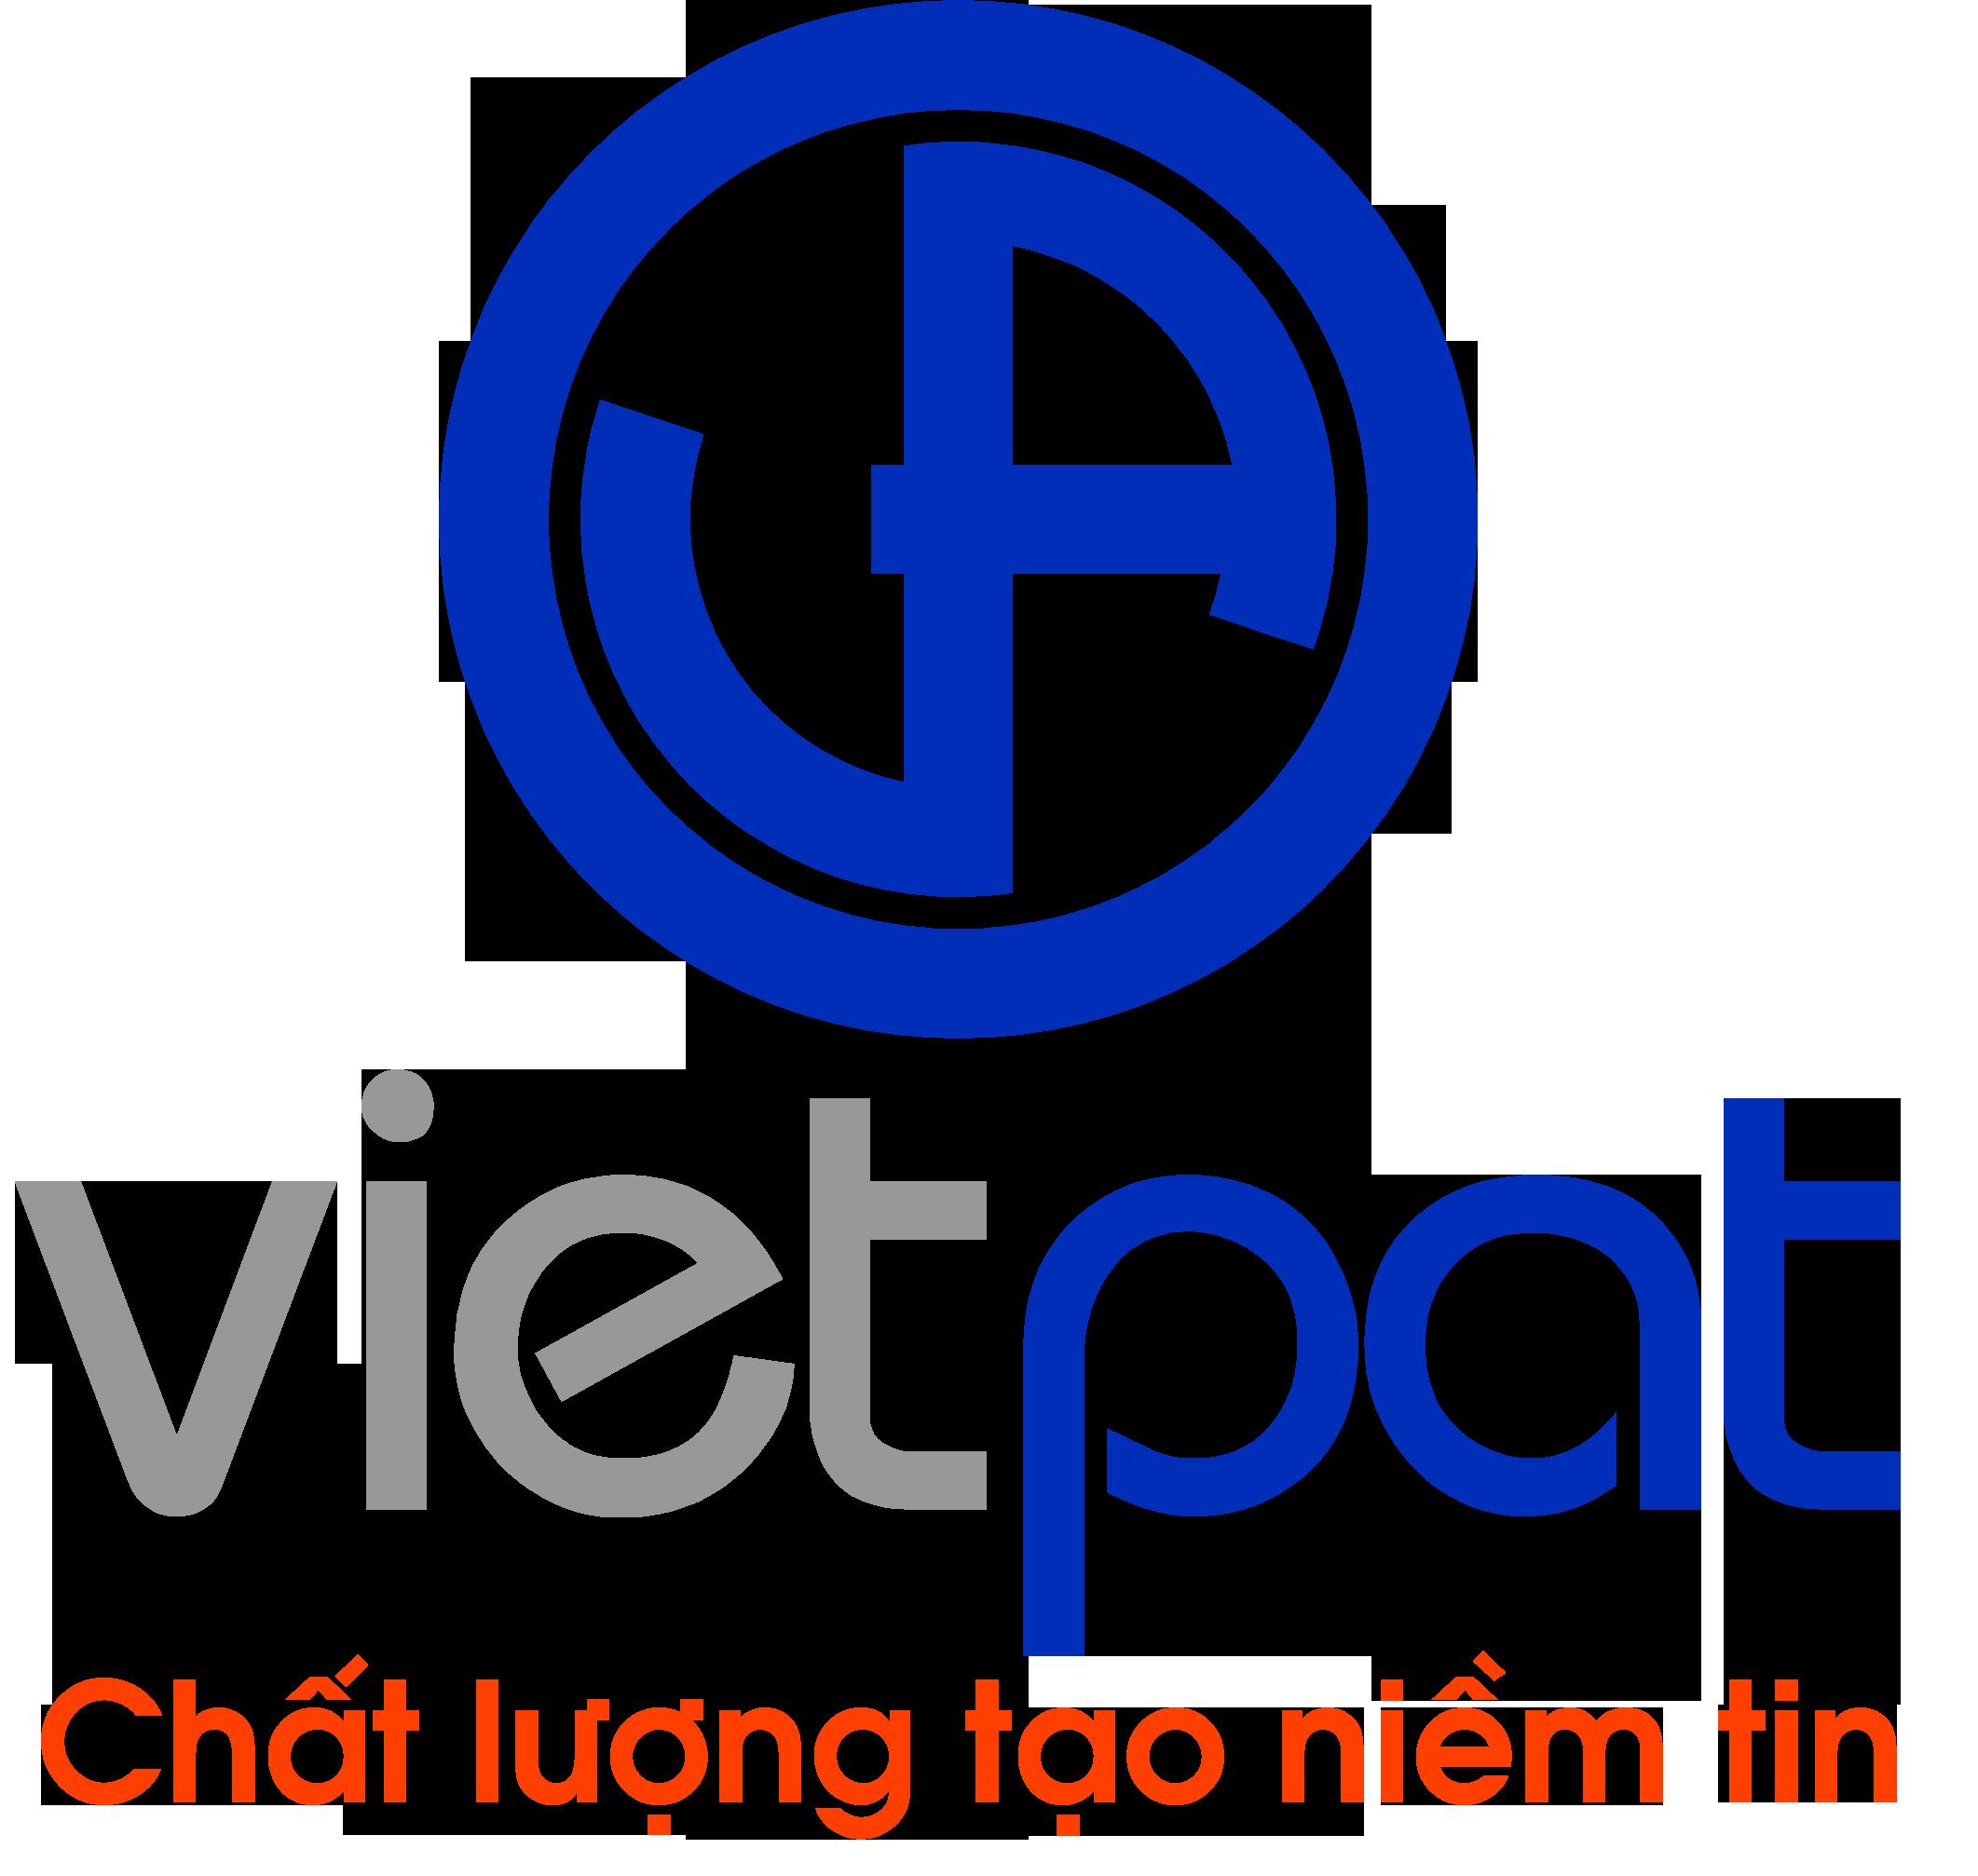 Công ty VIETPAT